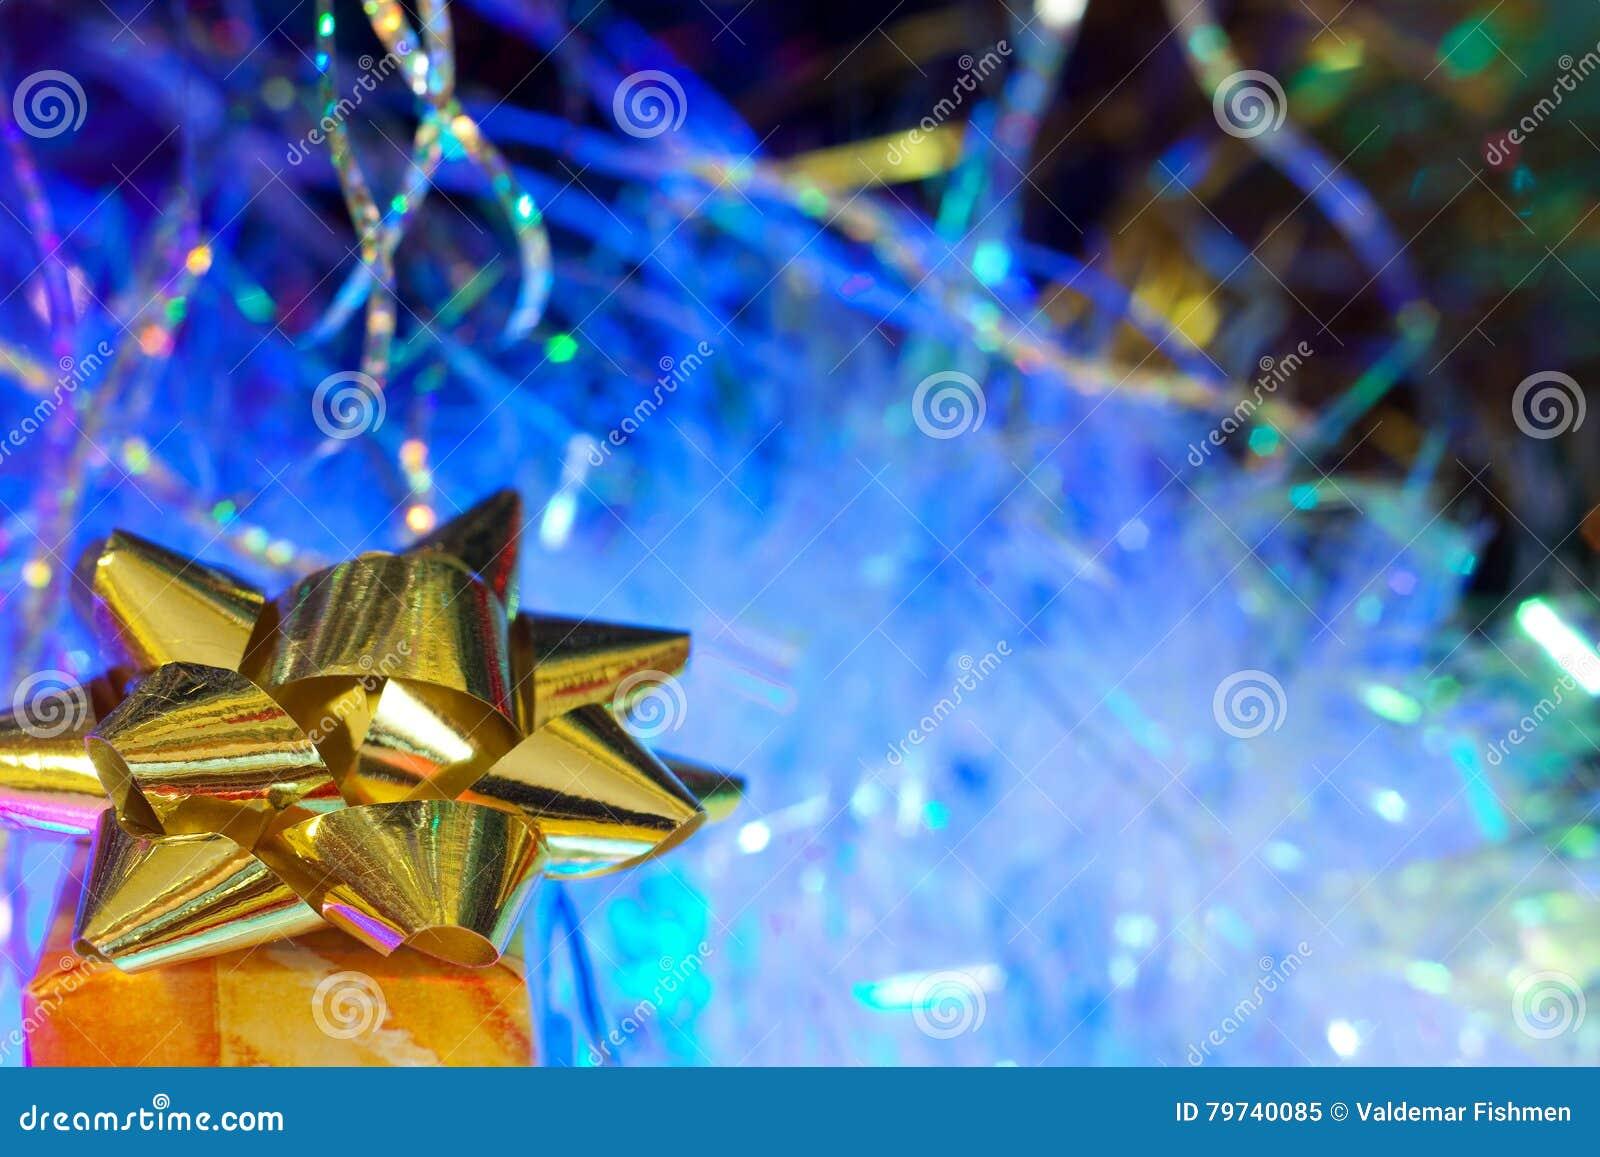 Regalo del oro del fondo del Año Nuevo y de la Navidad